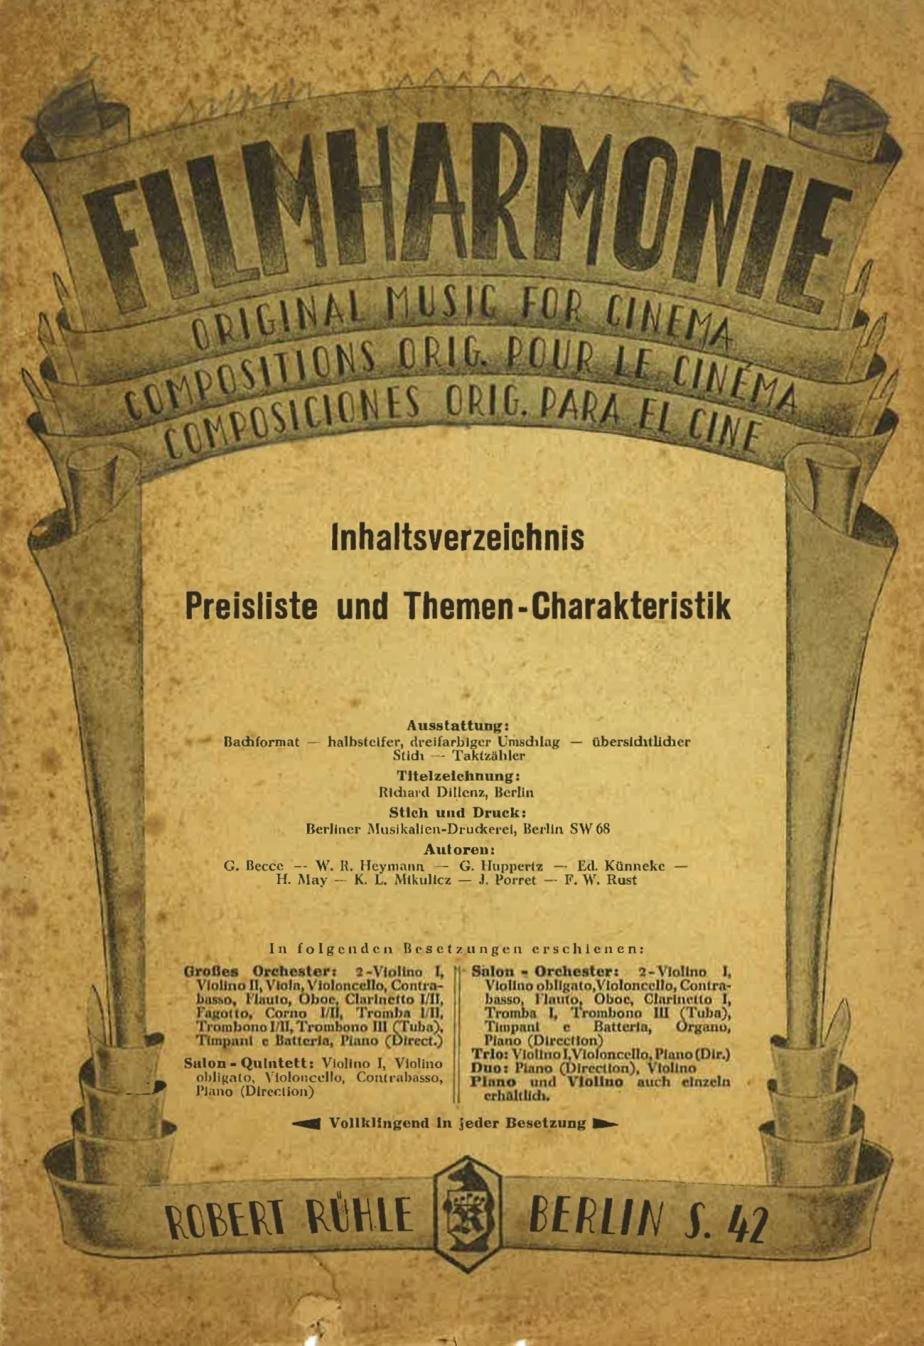 6. Filmharmonie